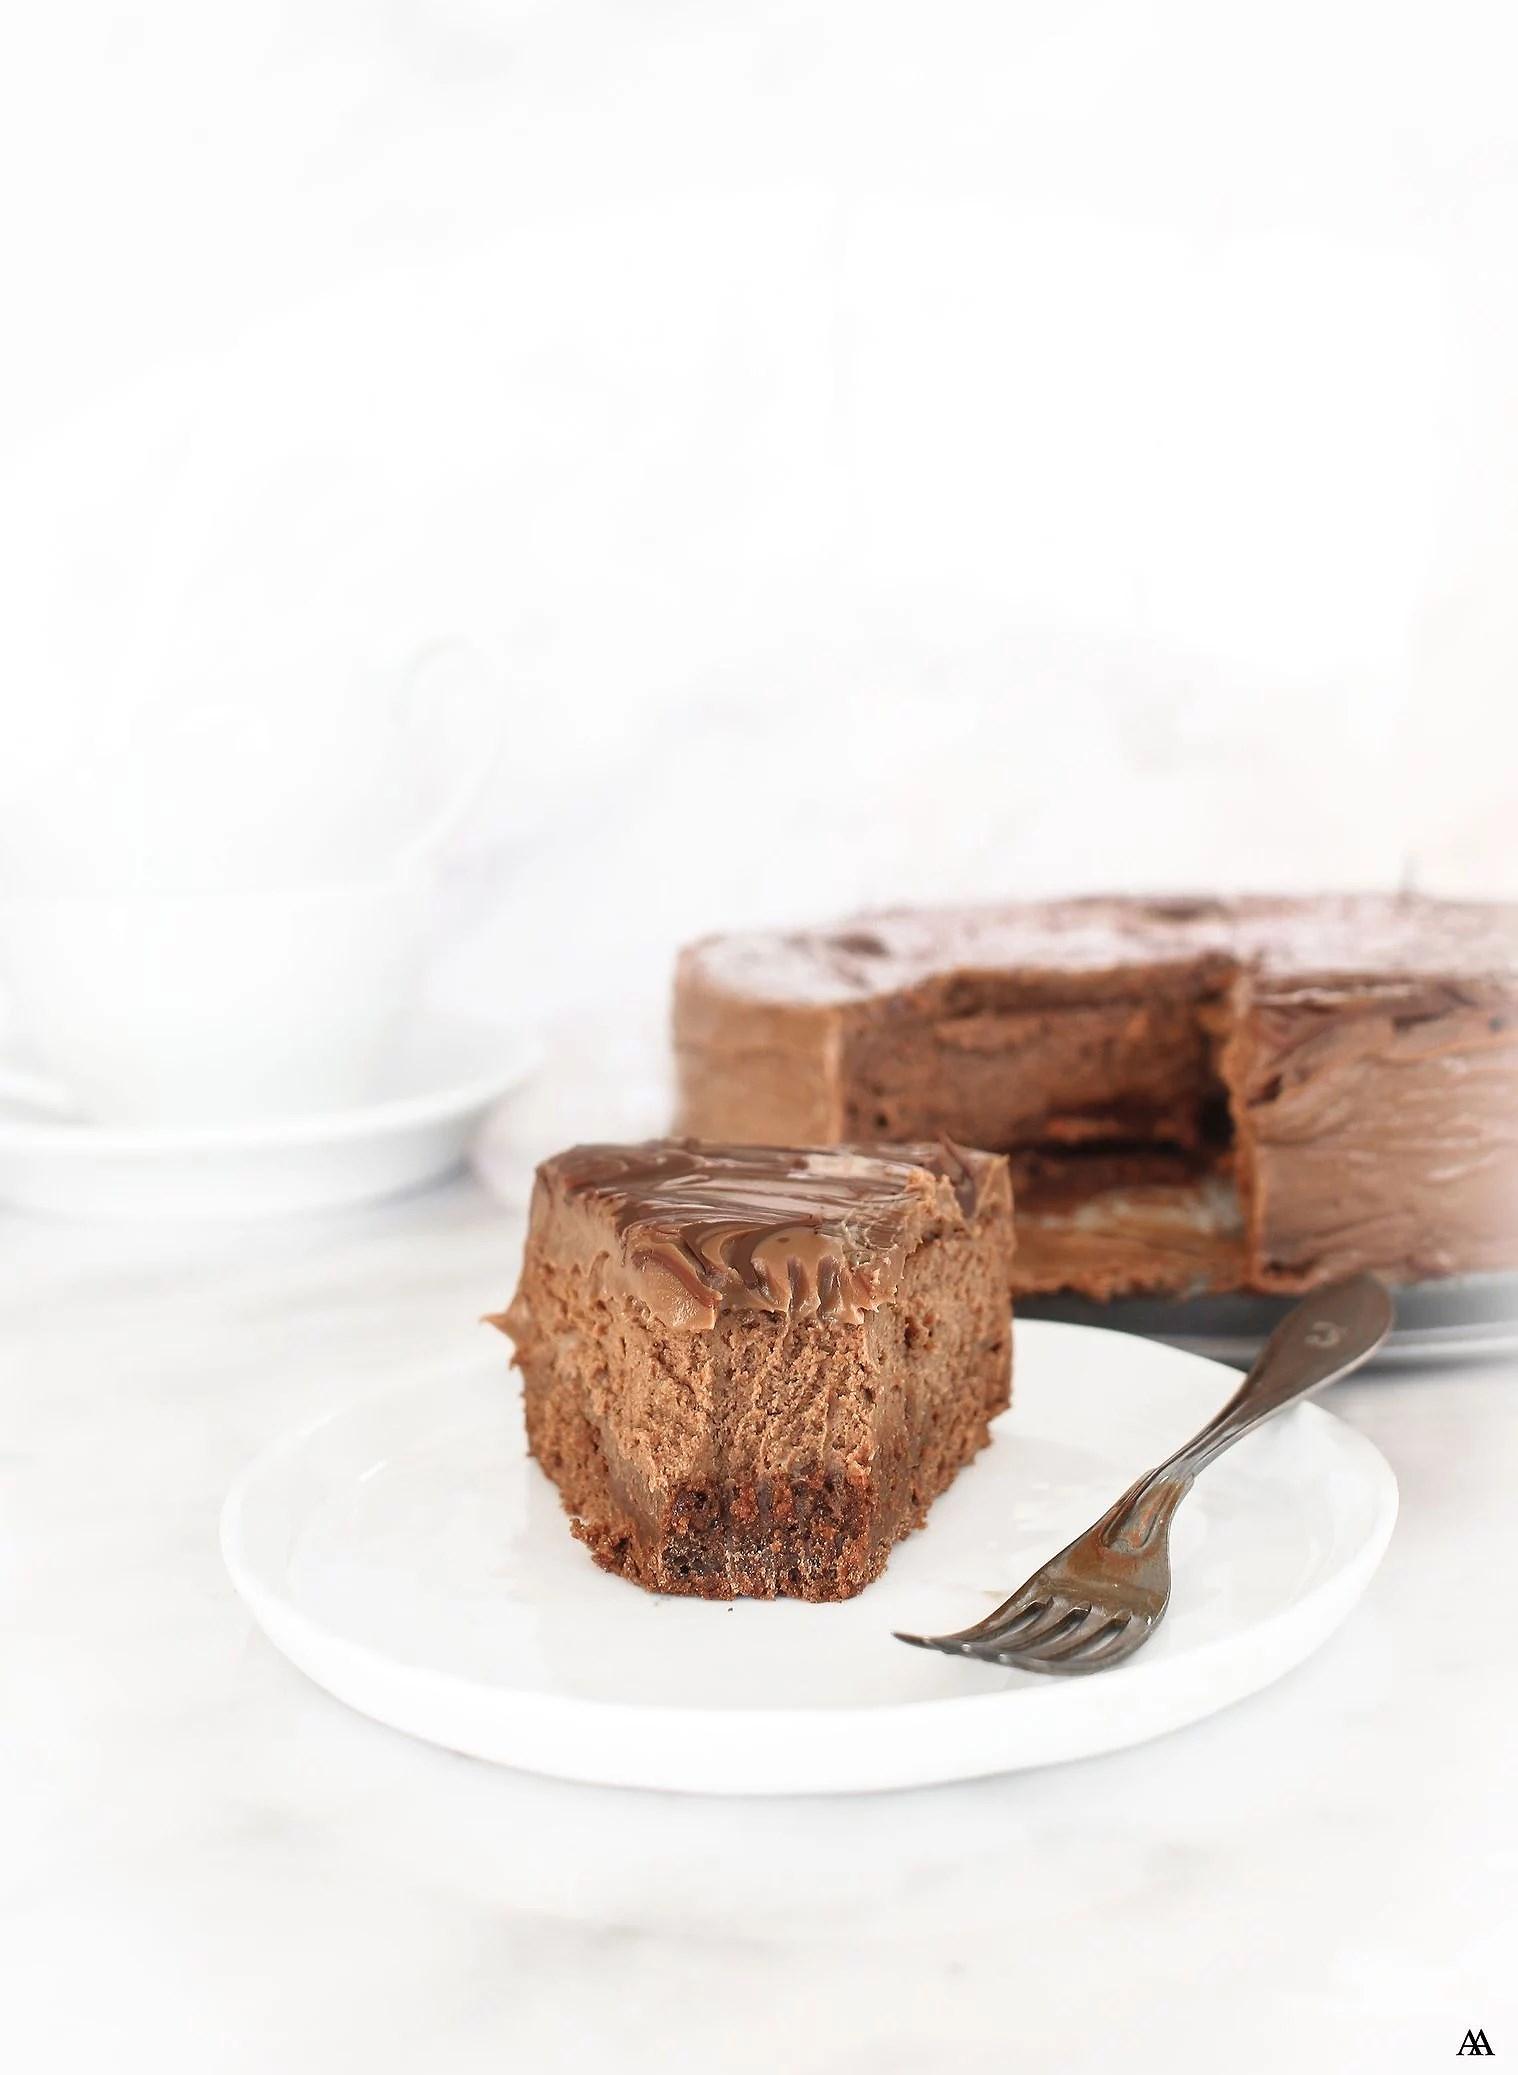 Chokladcheesecake med en ton av kaffe